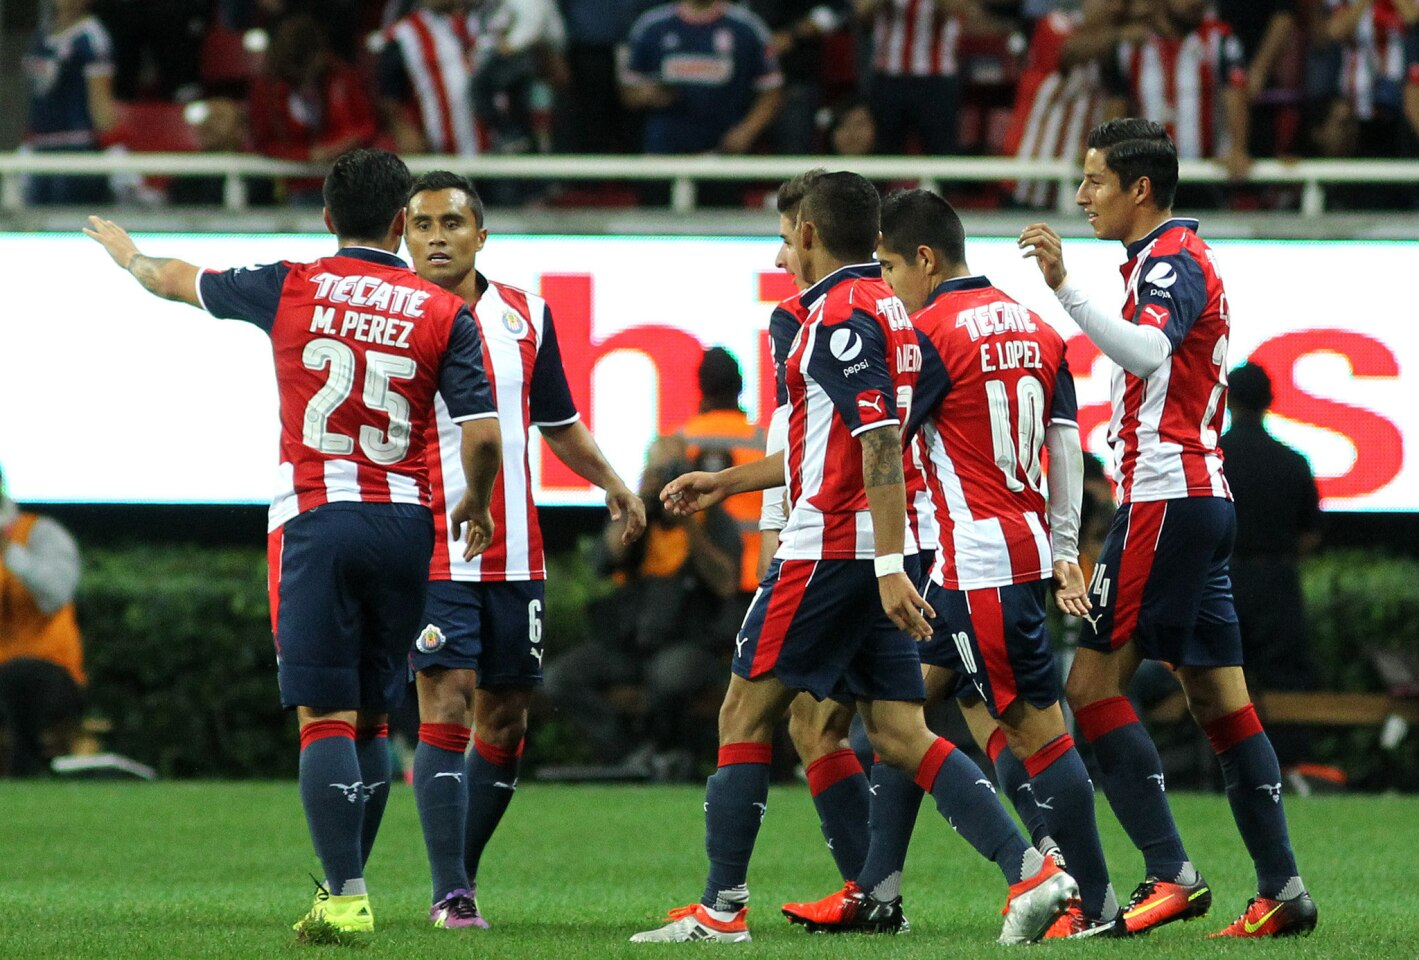 Jugadores de Chivas celebran tras consumar el triunfo sobre Jaguares, en Guadalajara, México.